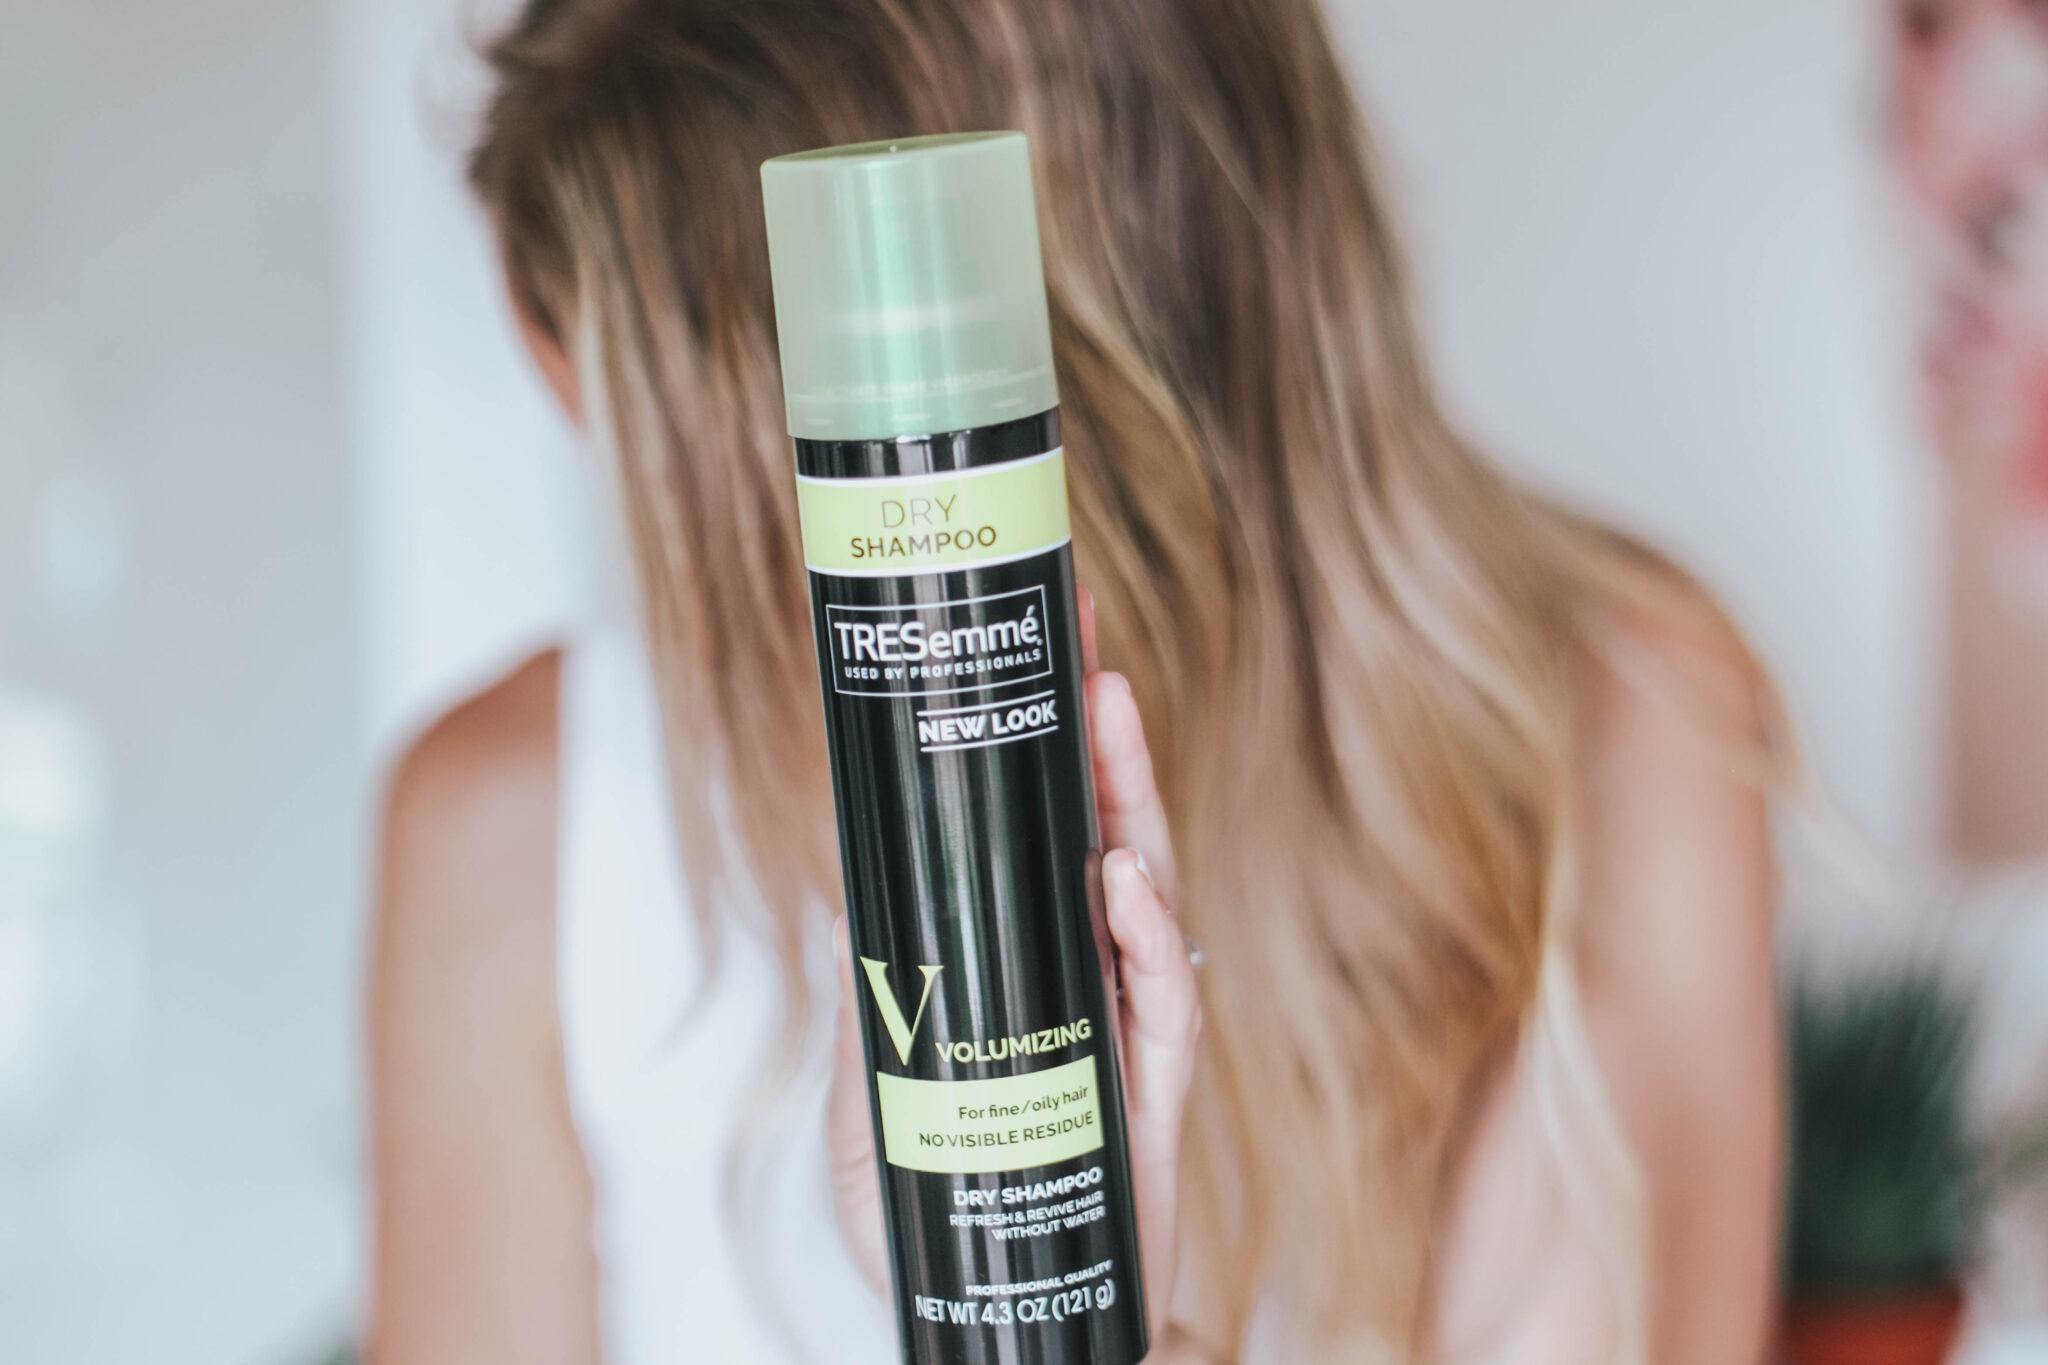 tresemme volumizing dry shampoo (